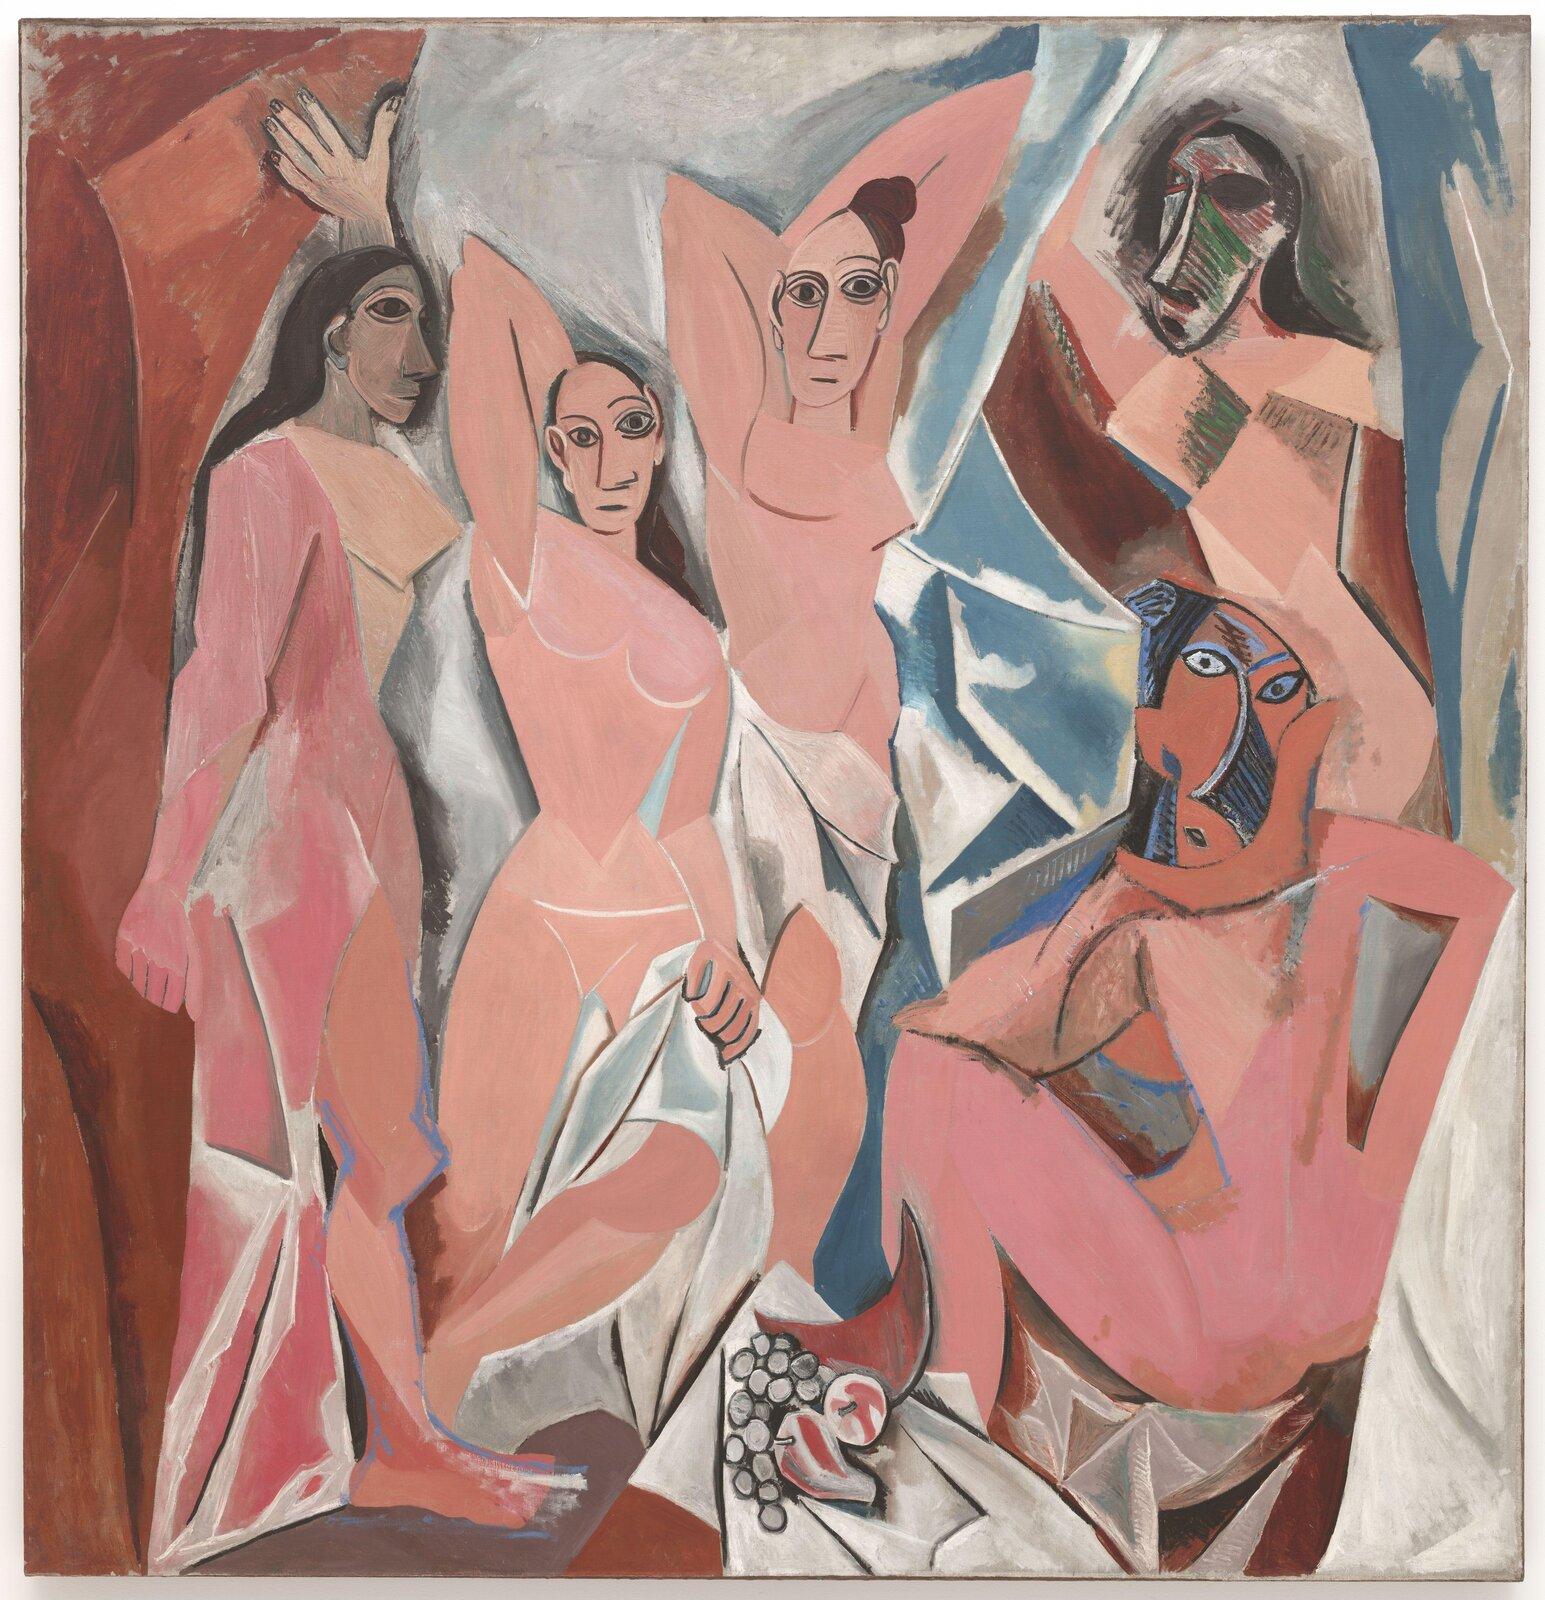 """Ilustracja przedstawia obraz Pablo Picasso pt. """"Panny zAwinionu"""". Obraz powstał w1907 roku. Jest to jeden znajbardziej znanych obrazów Pabla Picassa. Przedstawionych zostało pięć nagich kobiet zulicy d'Avinyo wBarcelonie. Kolorystyka obrazu jest utrzymana wciepłej tonacji kolorystycznej. Znaczną przewagę ma tutaj kolor pomarańczowy. Na obrazie możemy dostrzec cechy charakterystyczne dla kubizmu - sylwetki bohaterek są zgeometryzowane, aich twarze przypominają afrykańskie maski."""